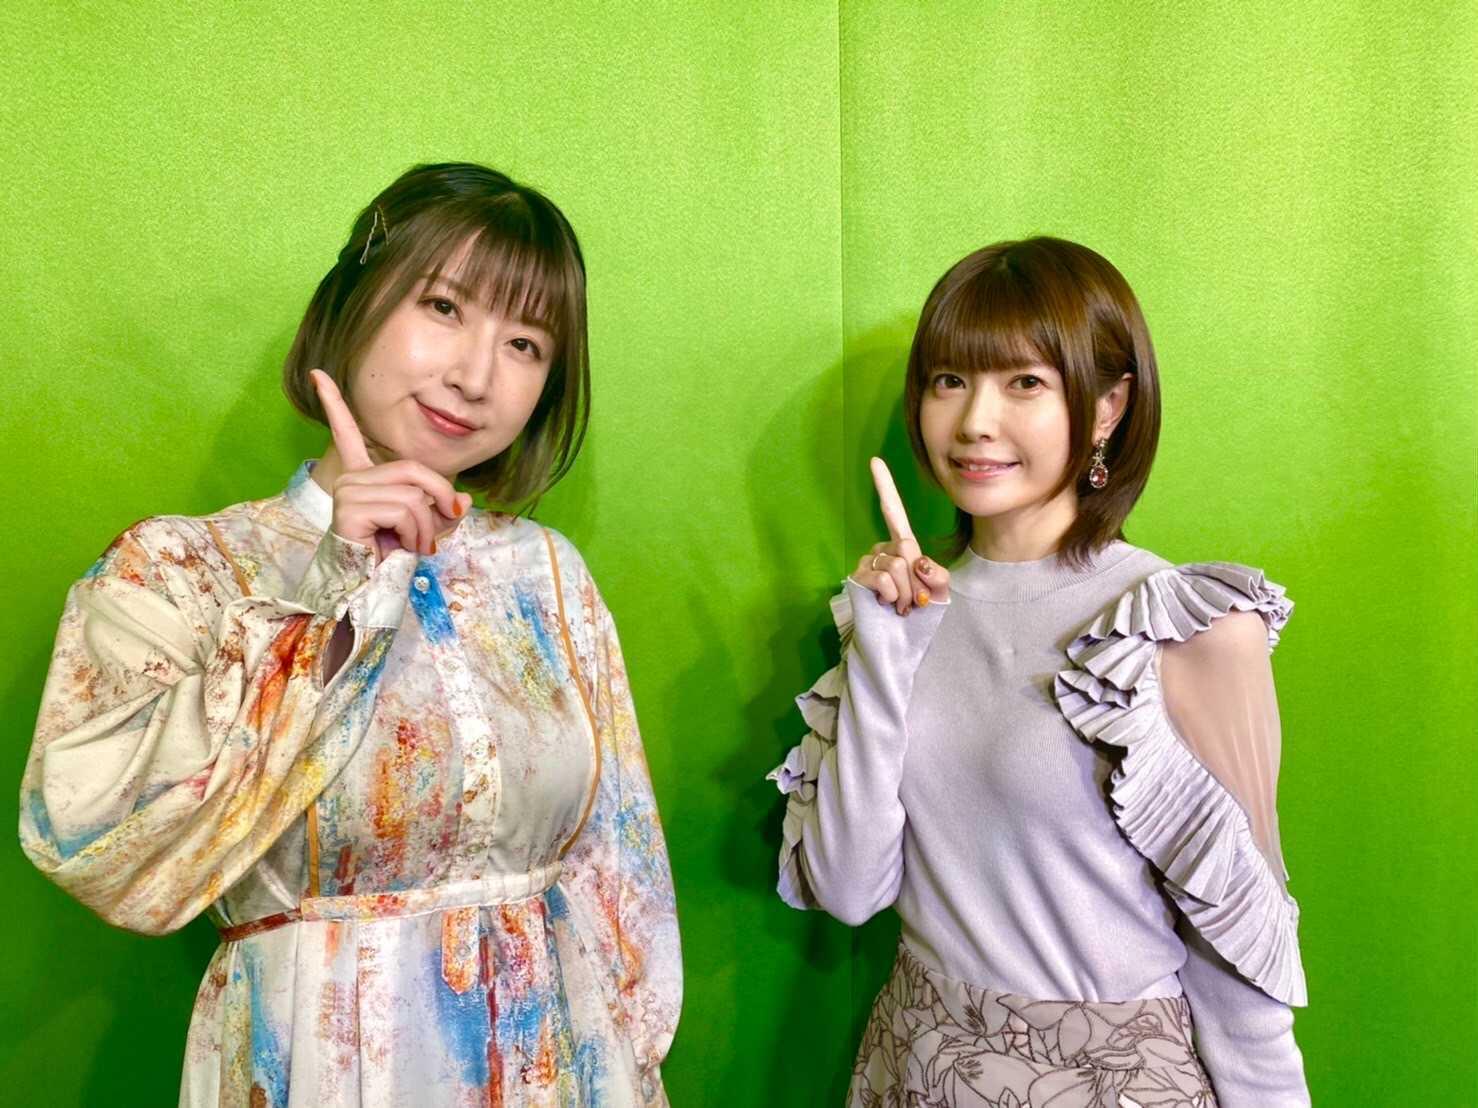 【画像】竹達彩奈さんのおっぱいの形がくっきりわかる衣装www